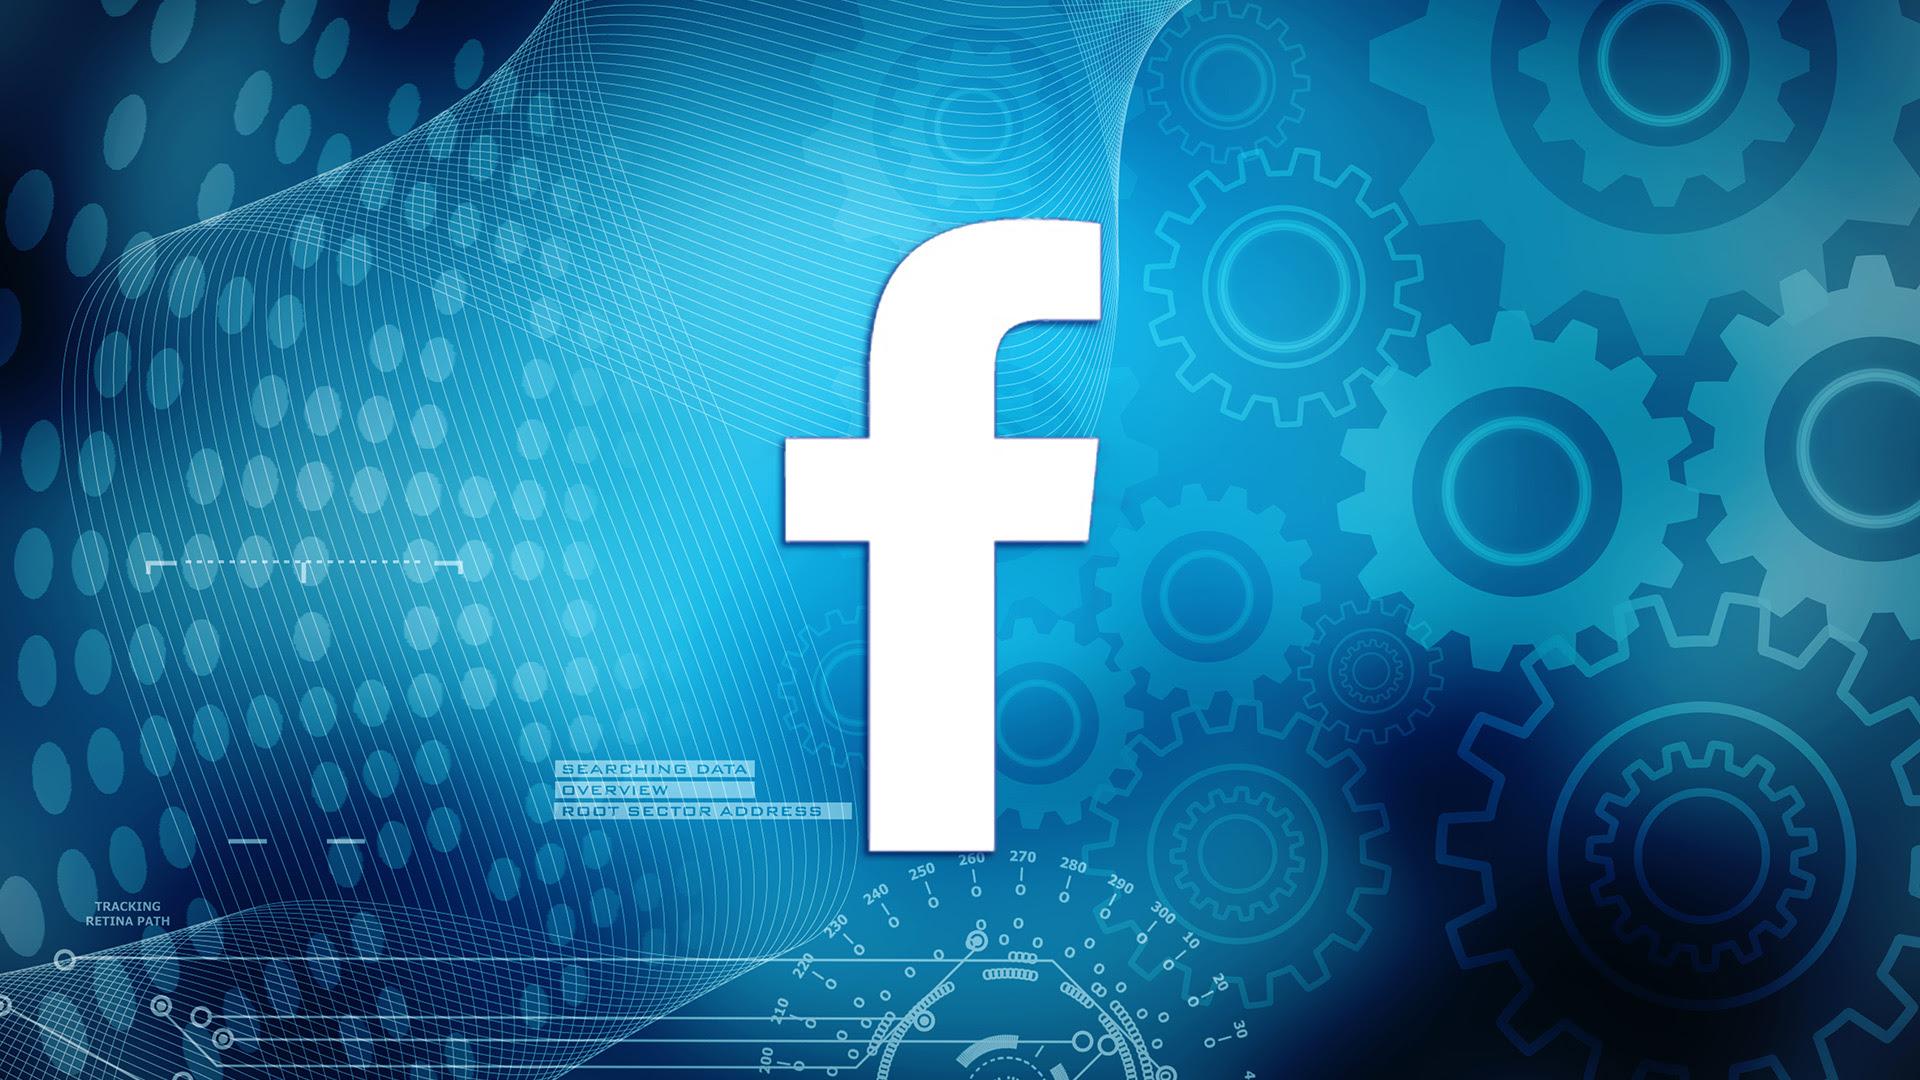 facebook-tech-gears-data1-ss-1920